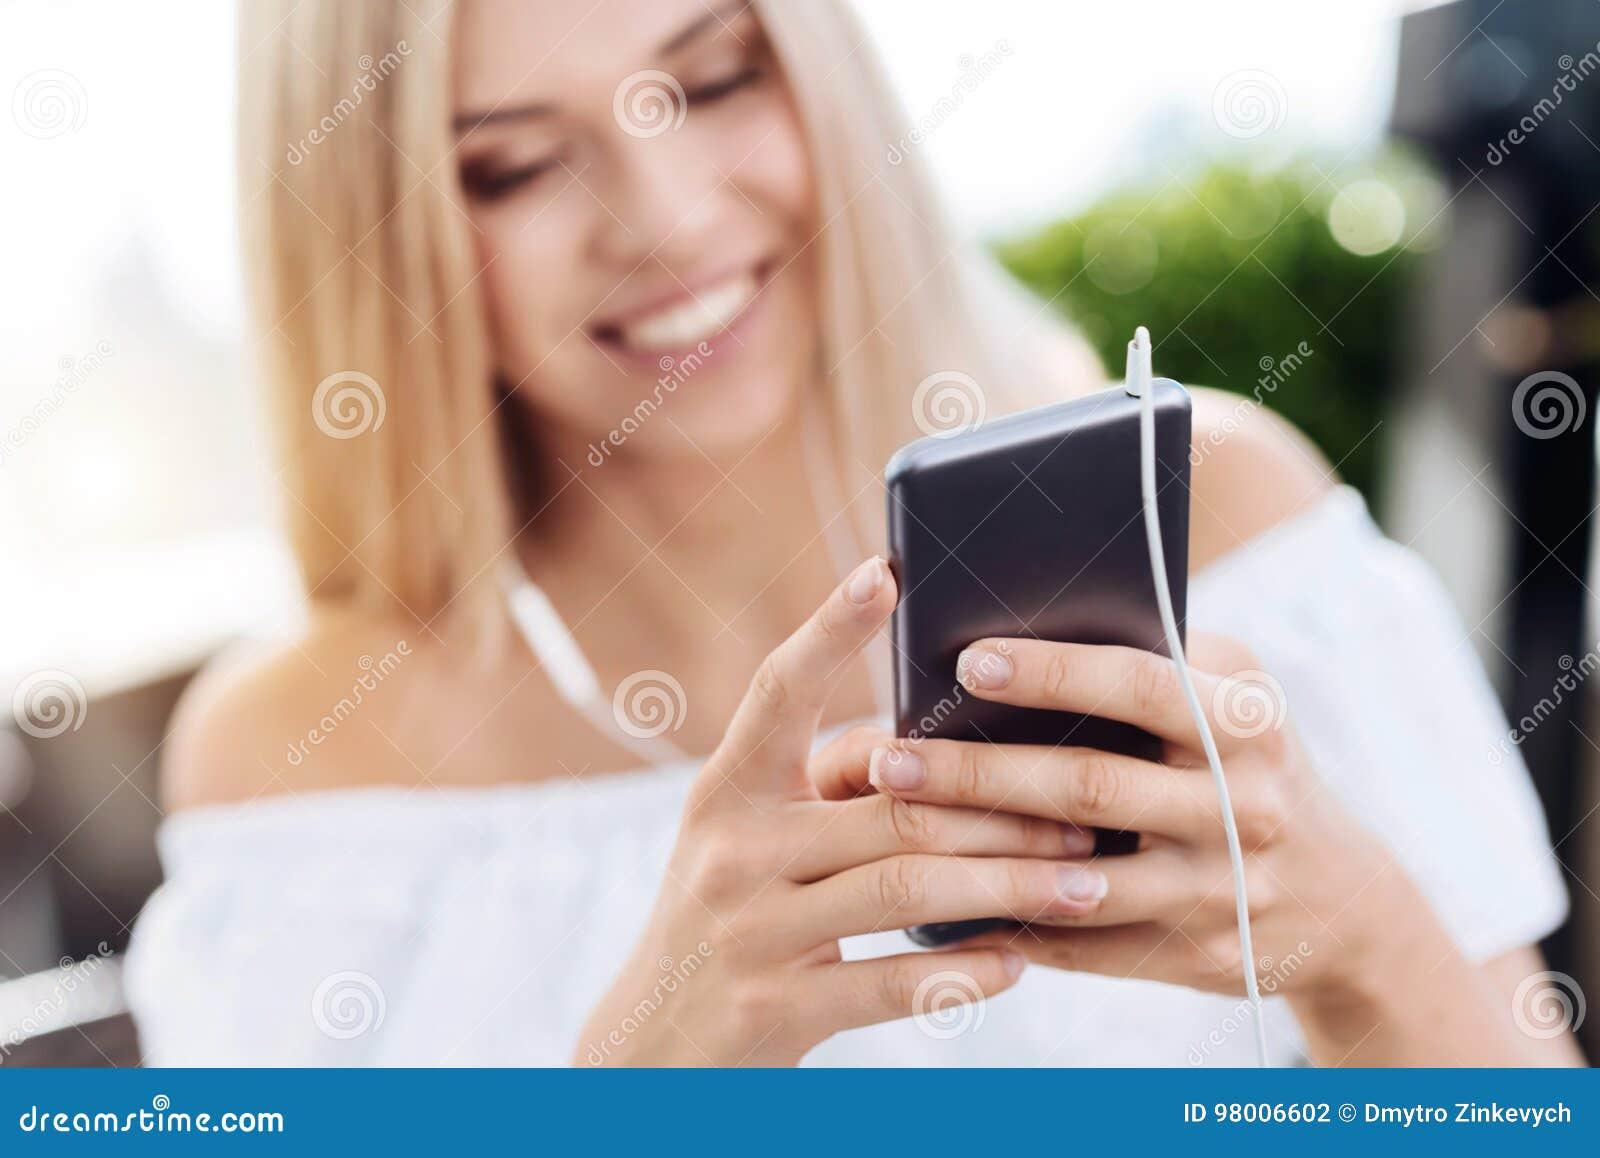 Smartphone moderne étant employé pour écouter la musique